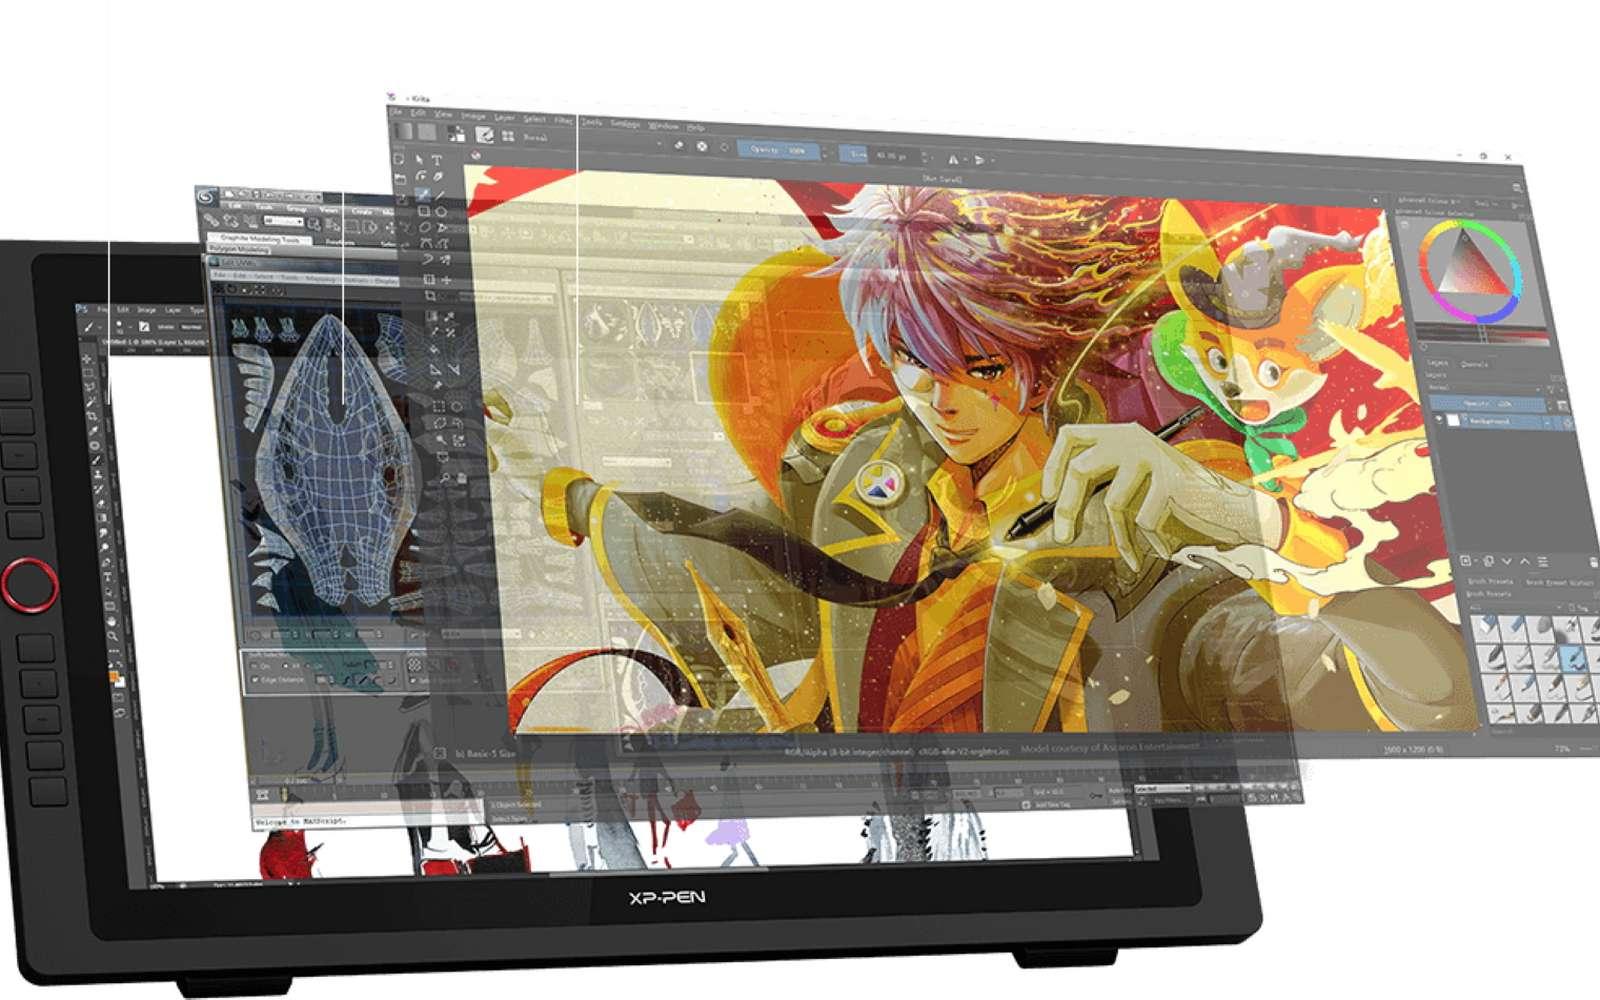 La tablette graphique nécessite un apprentissage assez long puisqu'on ne dessine pas directement à l'écran. © XP-Pen